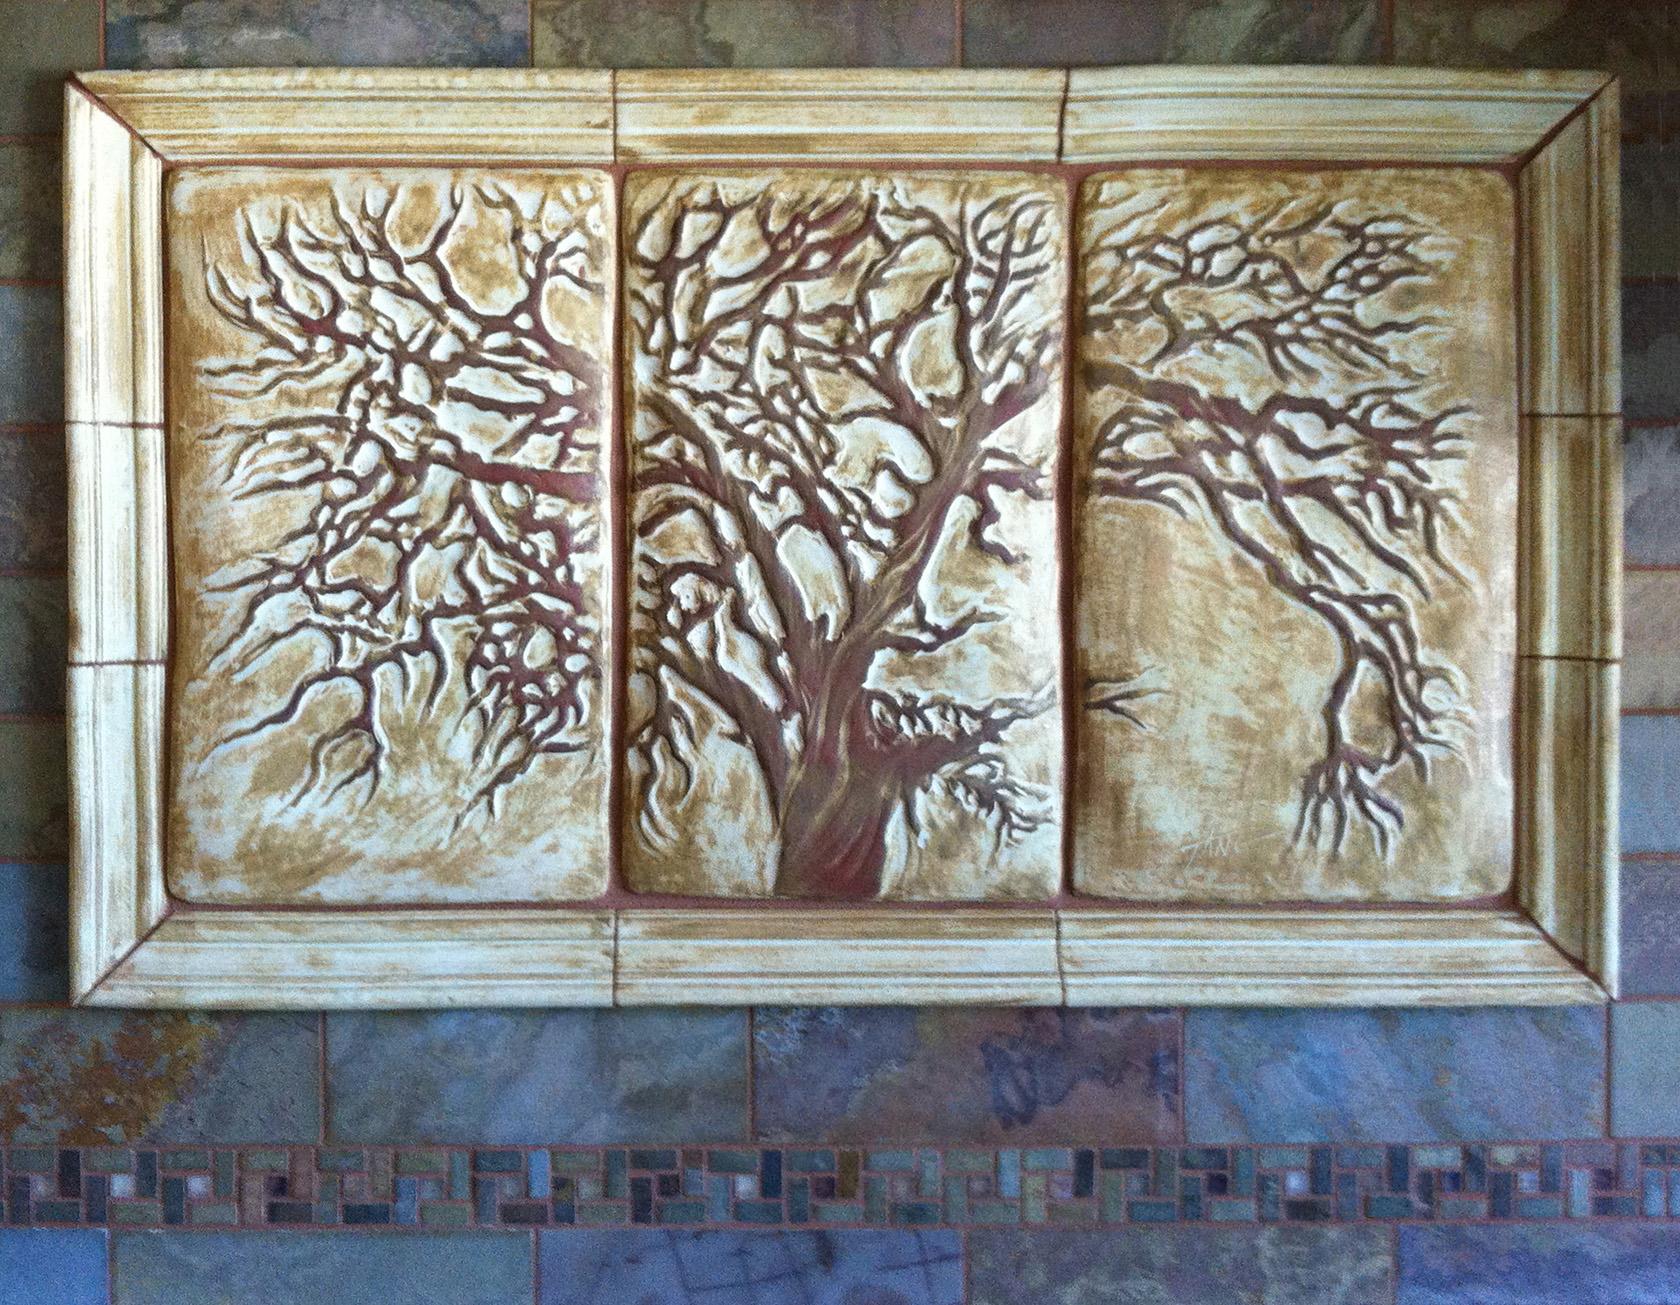 Oaktree Framed